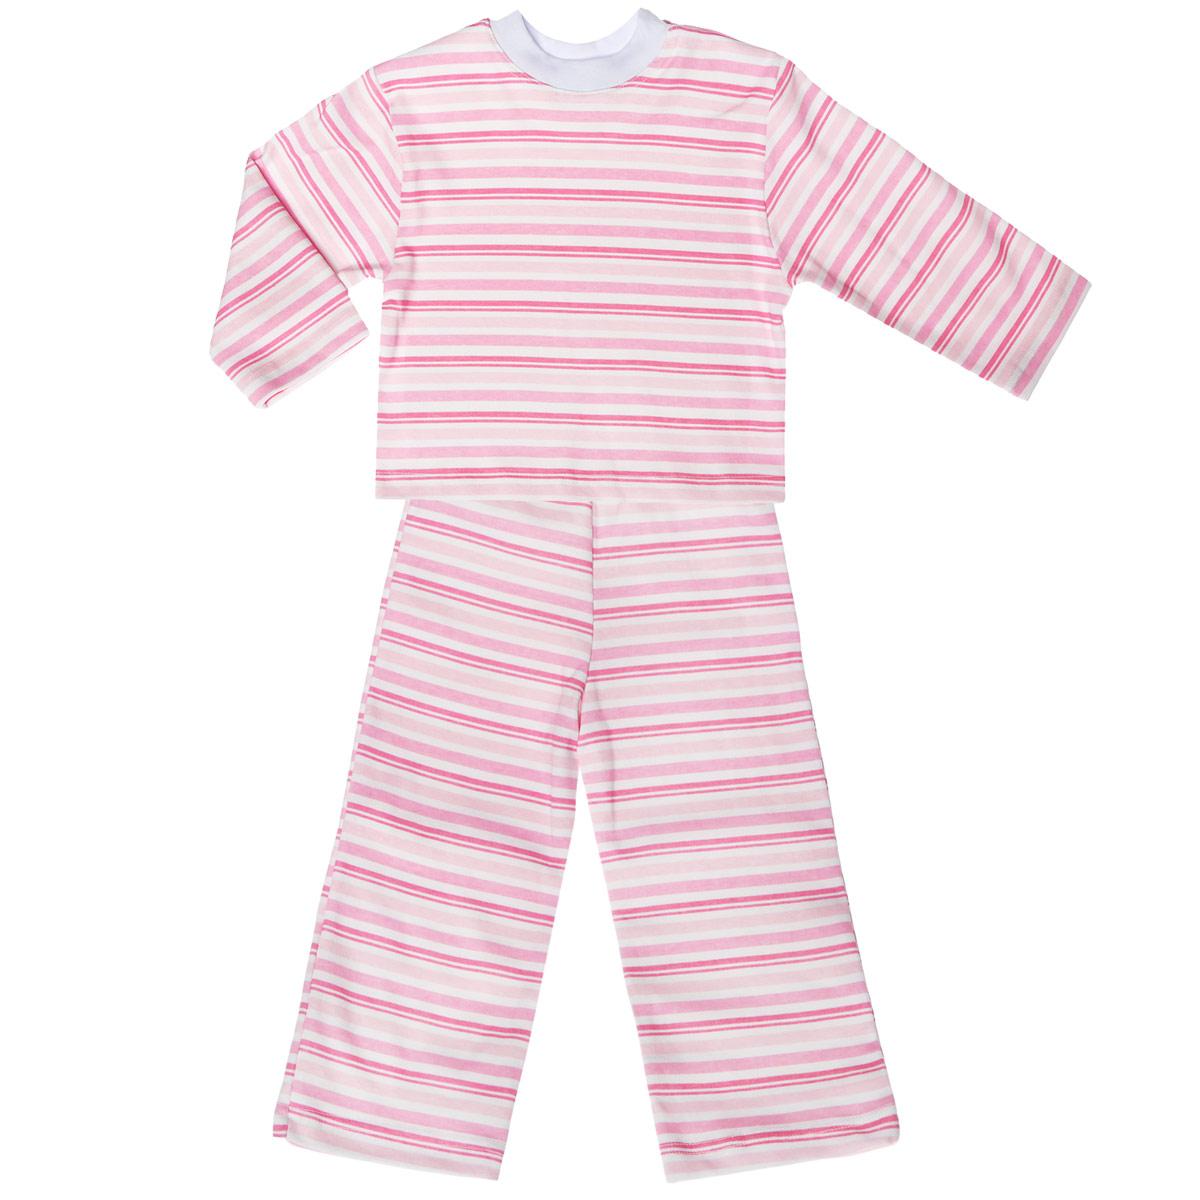 Пижама детская Трон-плюс, цвет: розовый, белый. 5584_полоска. Размер 110/116, 4-8 лет5584_полоскаУютная детская пижама Трон-плюс, состоящая из джемпера и брюк, идеально подойдет вашему ребенку и станет отличным дополнением к детскому гардеробу. Изготовленная из натурального хлопка, она необычайно мягкая и легкая, не сковывает движения, позволяет коже дышать и не раздражает даже самую нежную и чувствительную кожу ребенка. Джемпер с длинными рукавами и круглым вырезом горловины оформлен принтом в полоску. Вырез горловины дополнен трикотажной эластичной резинкой. Брюки на талии имеют эластичную резинку, благодаря чему не сдавливают живот ребенка и не сползают. Оформлены брючки также принтом в полоску. В такой пижаме ваш ребенок будет чувствовать себя комфортно и уютно во время сна.